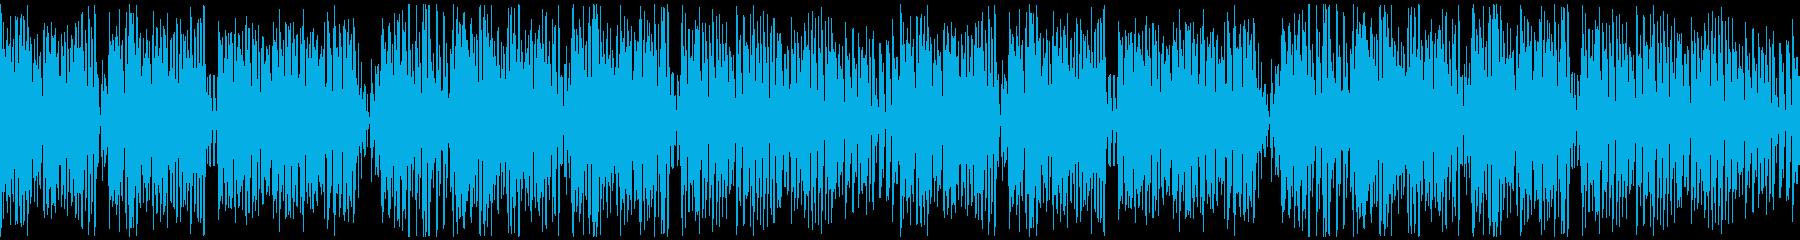 ポップでかわいい、キラキラな曲ループ仕様の再生済みの波形